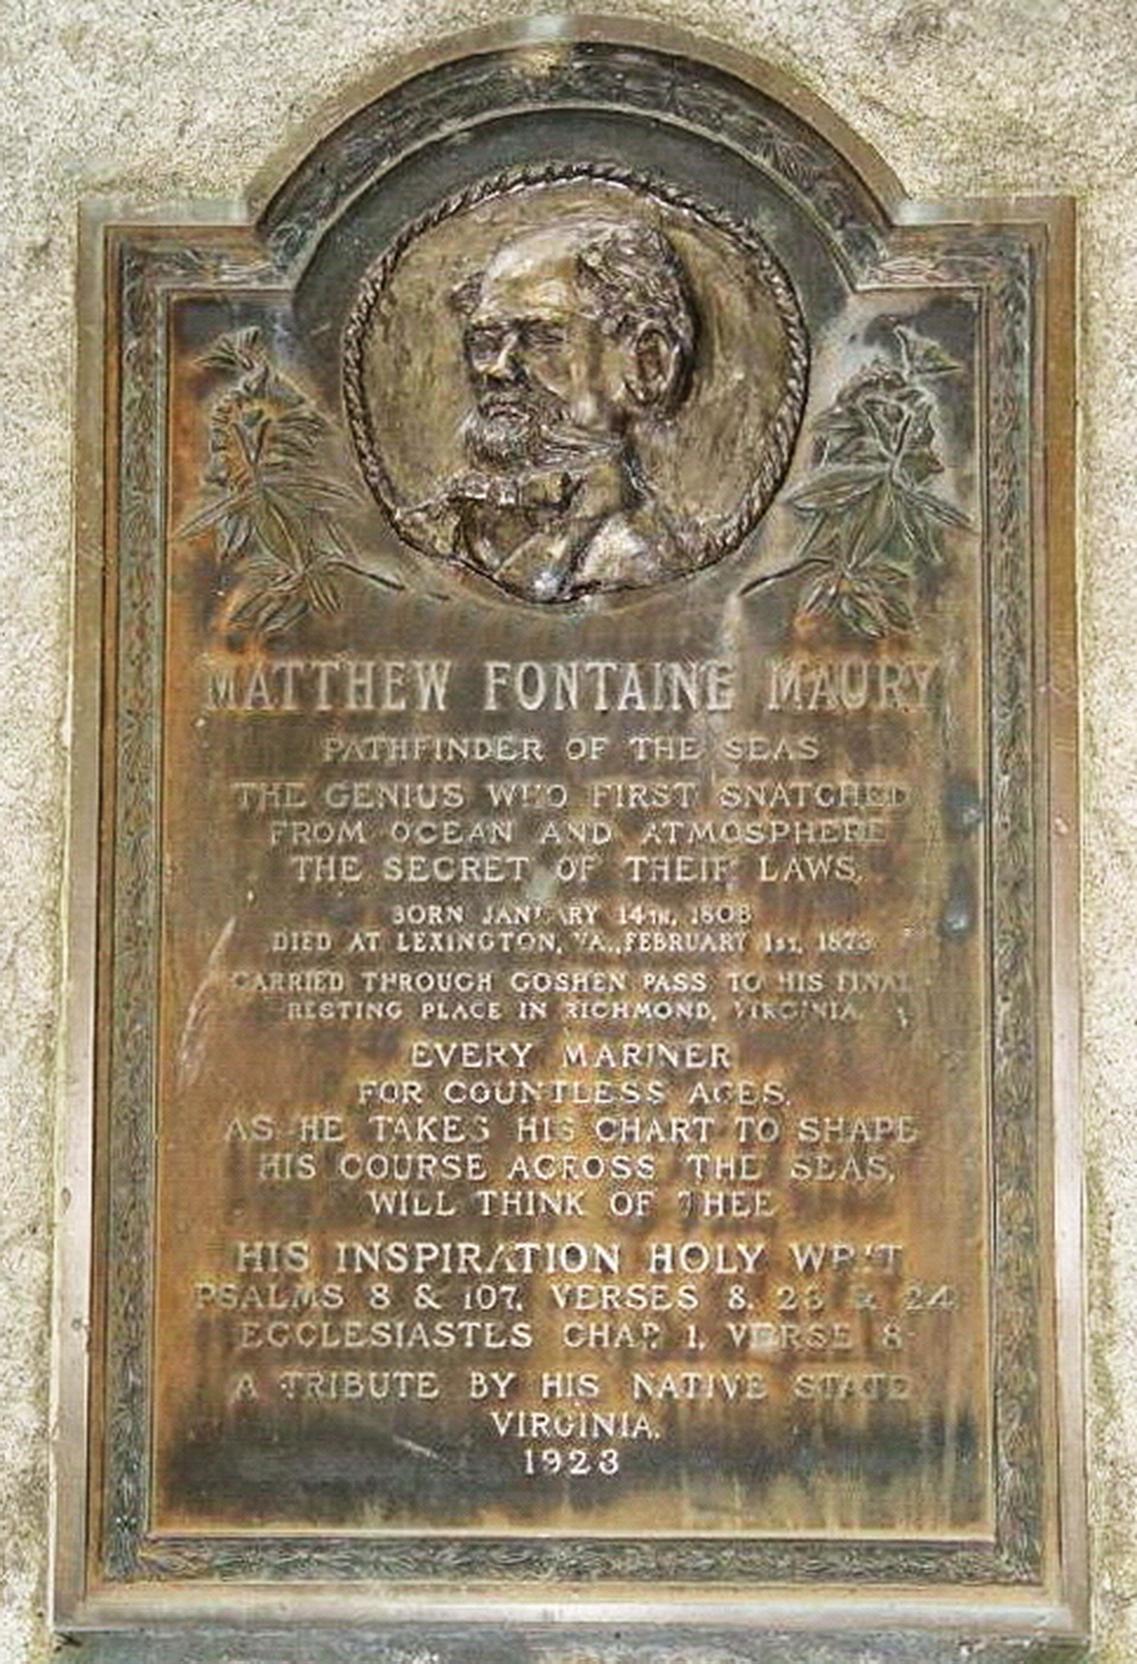 上图:位于弗吉尼亚州里士满的莫里纪念碑,立于1923年,上面写着:莫瑞发现海洋航道的灵感来自诗篇8:8、诗篇107:23-24和传道书1:6。美国科学家马太·方丹·莫里(Matthew Fontaine Maury,1806-1873年)是海洋航道的发现者,他提出了横渡大西洋的最佳航道,他所绘制的航海图、海洋图和风场图大幅缩短了从美国到欧洲之间的航程,并且减低了遇到恶劣天气的机会。